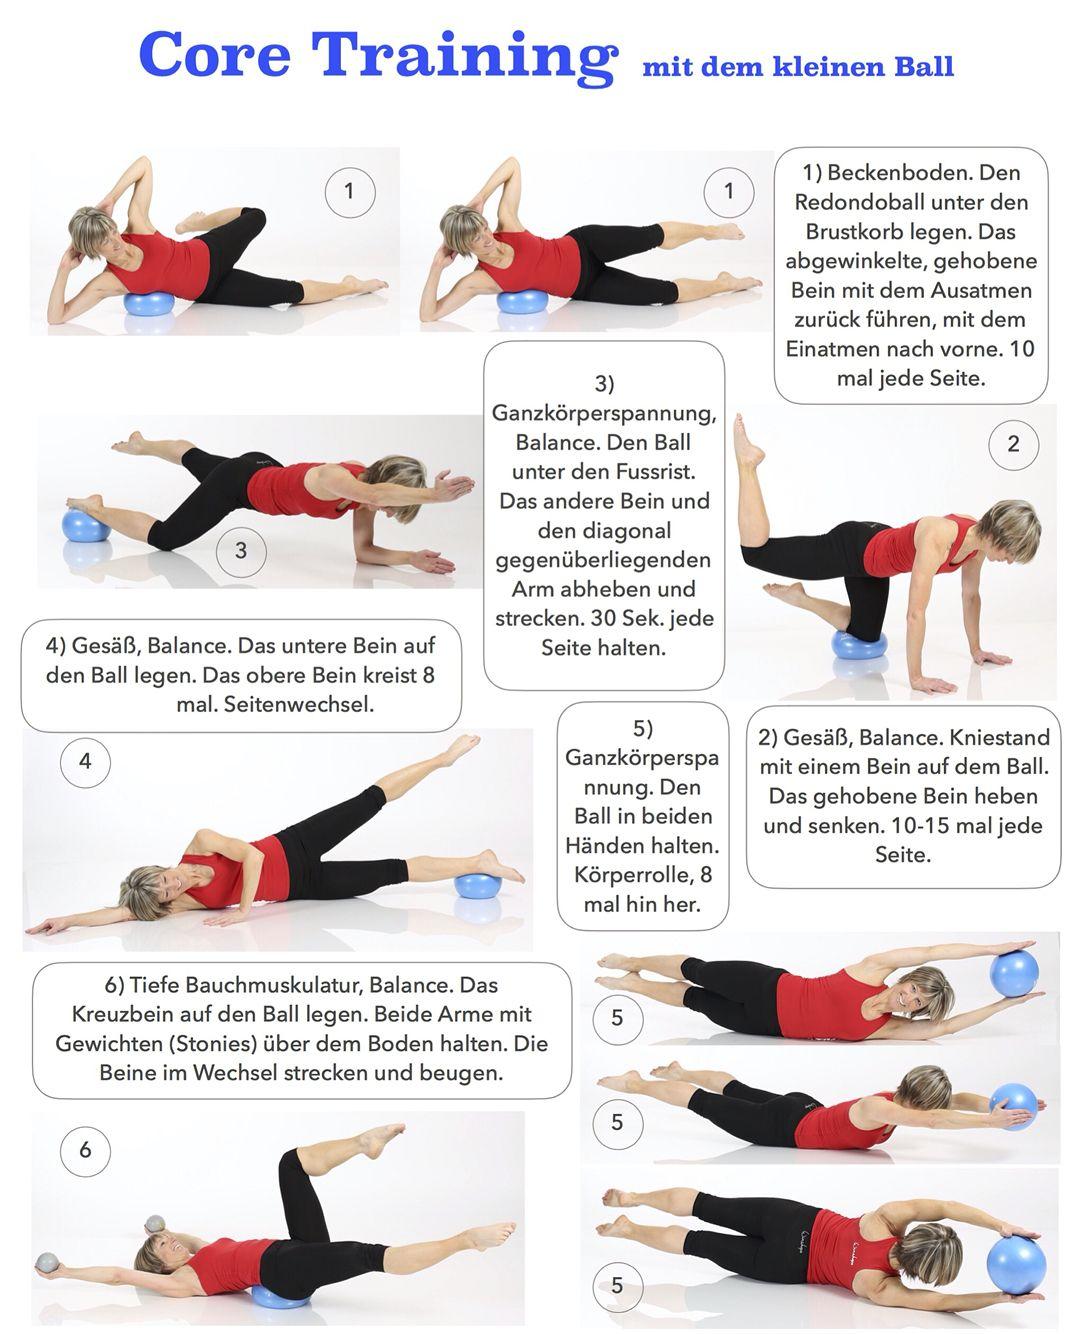 Stabile Mitte und flacher Bauch mit dem kleinen Ball! core stability exercises -> für Pilates Sonderangebote klicken! #pilatesyoga